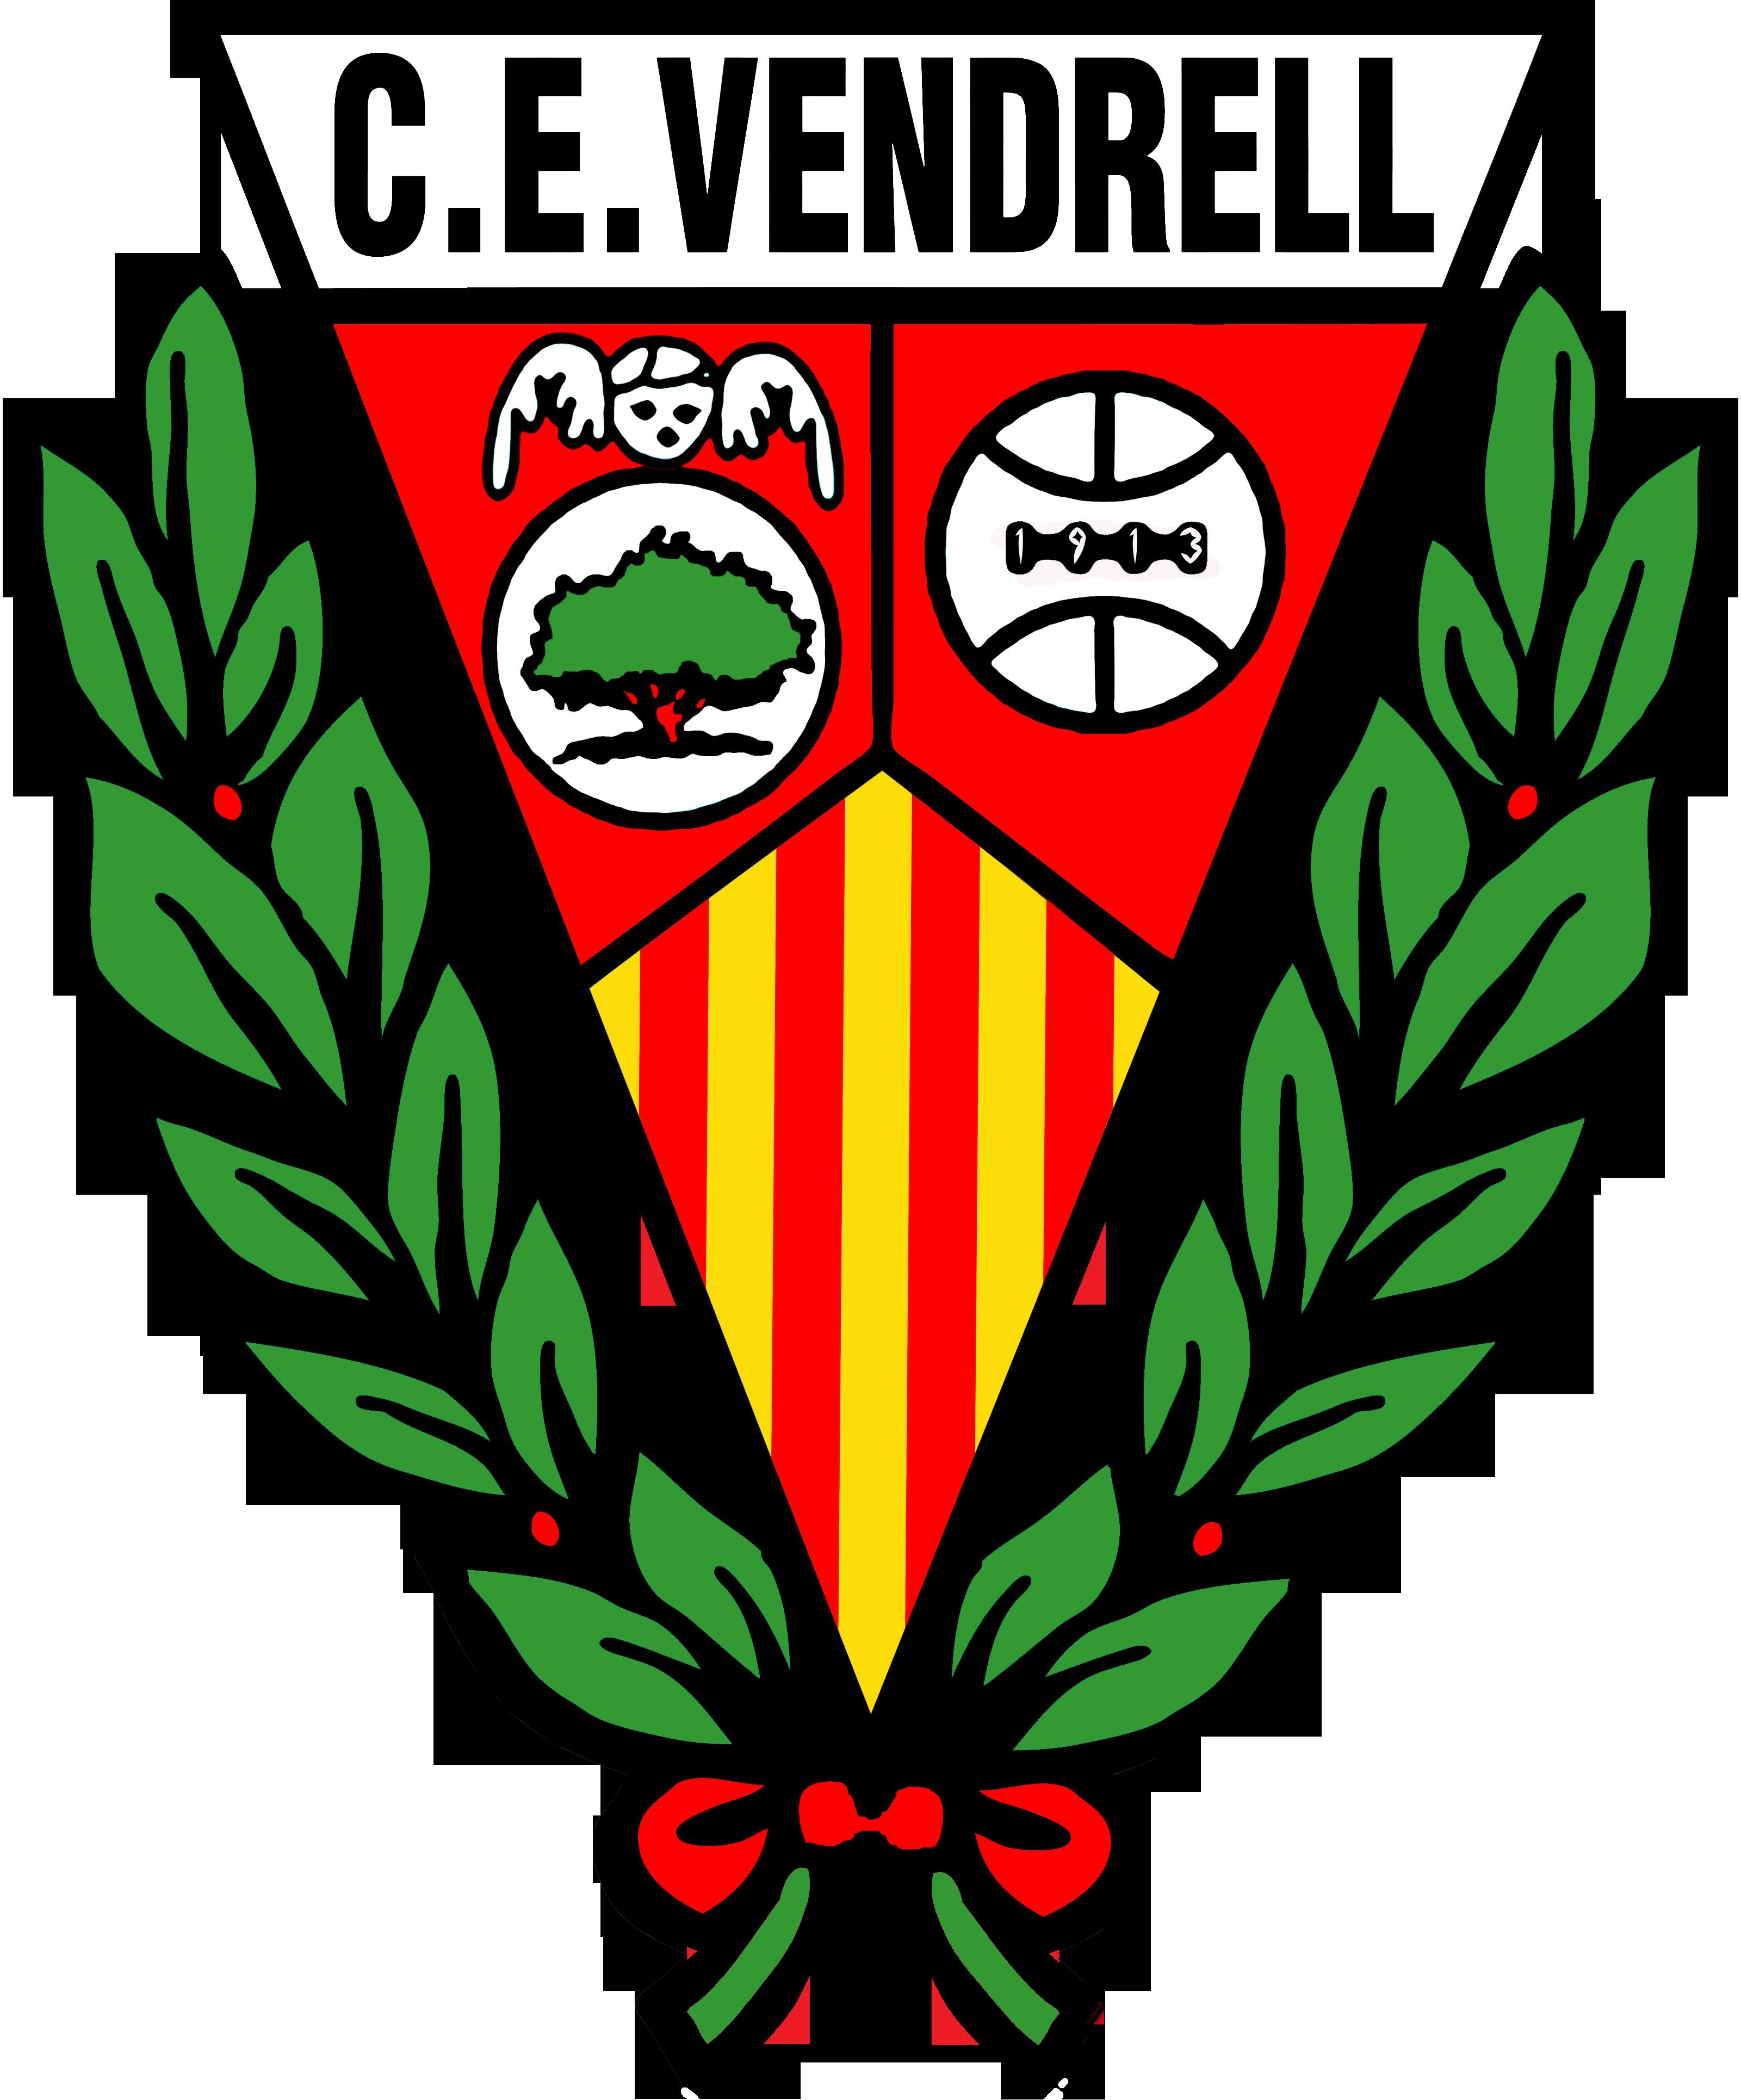 C.E. Vendrell Junior